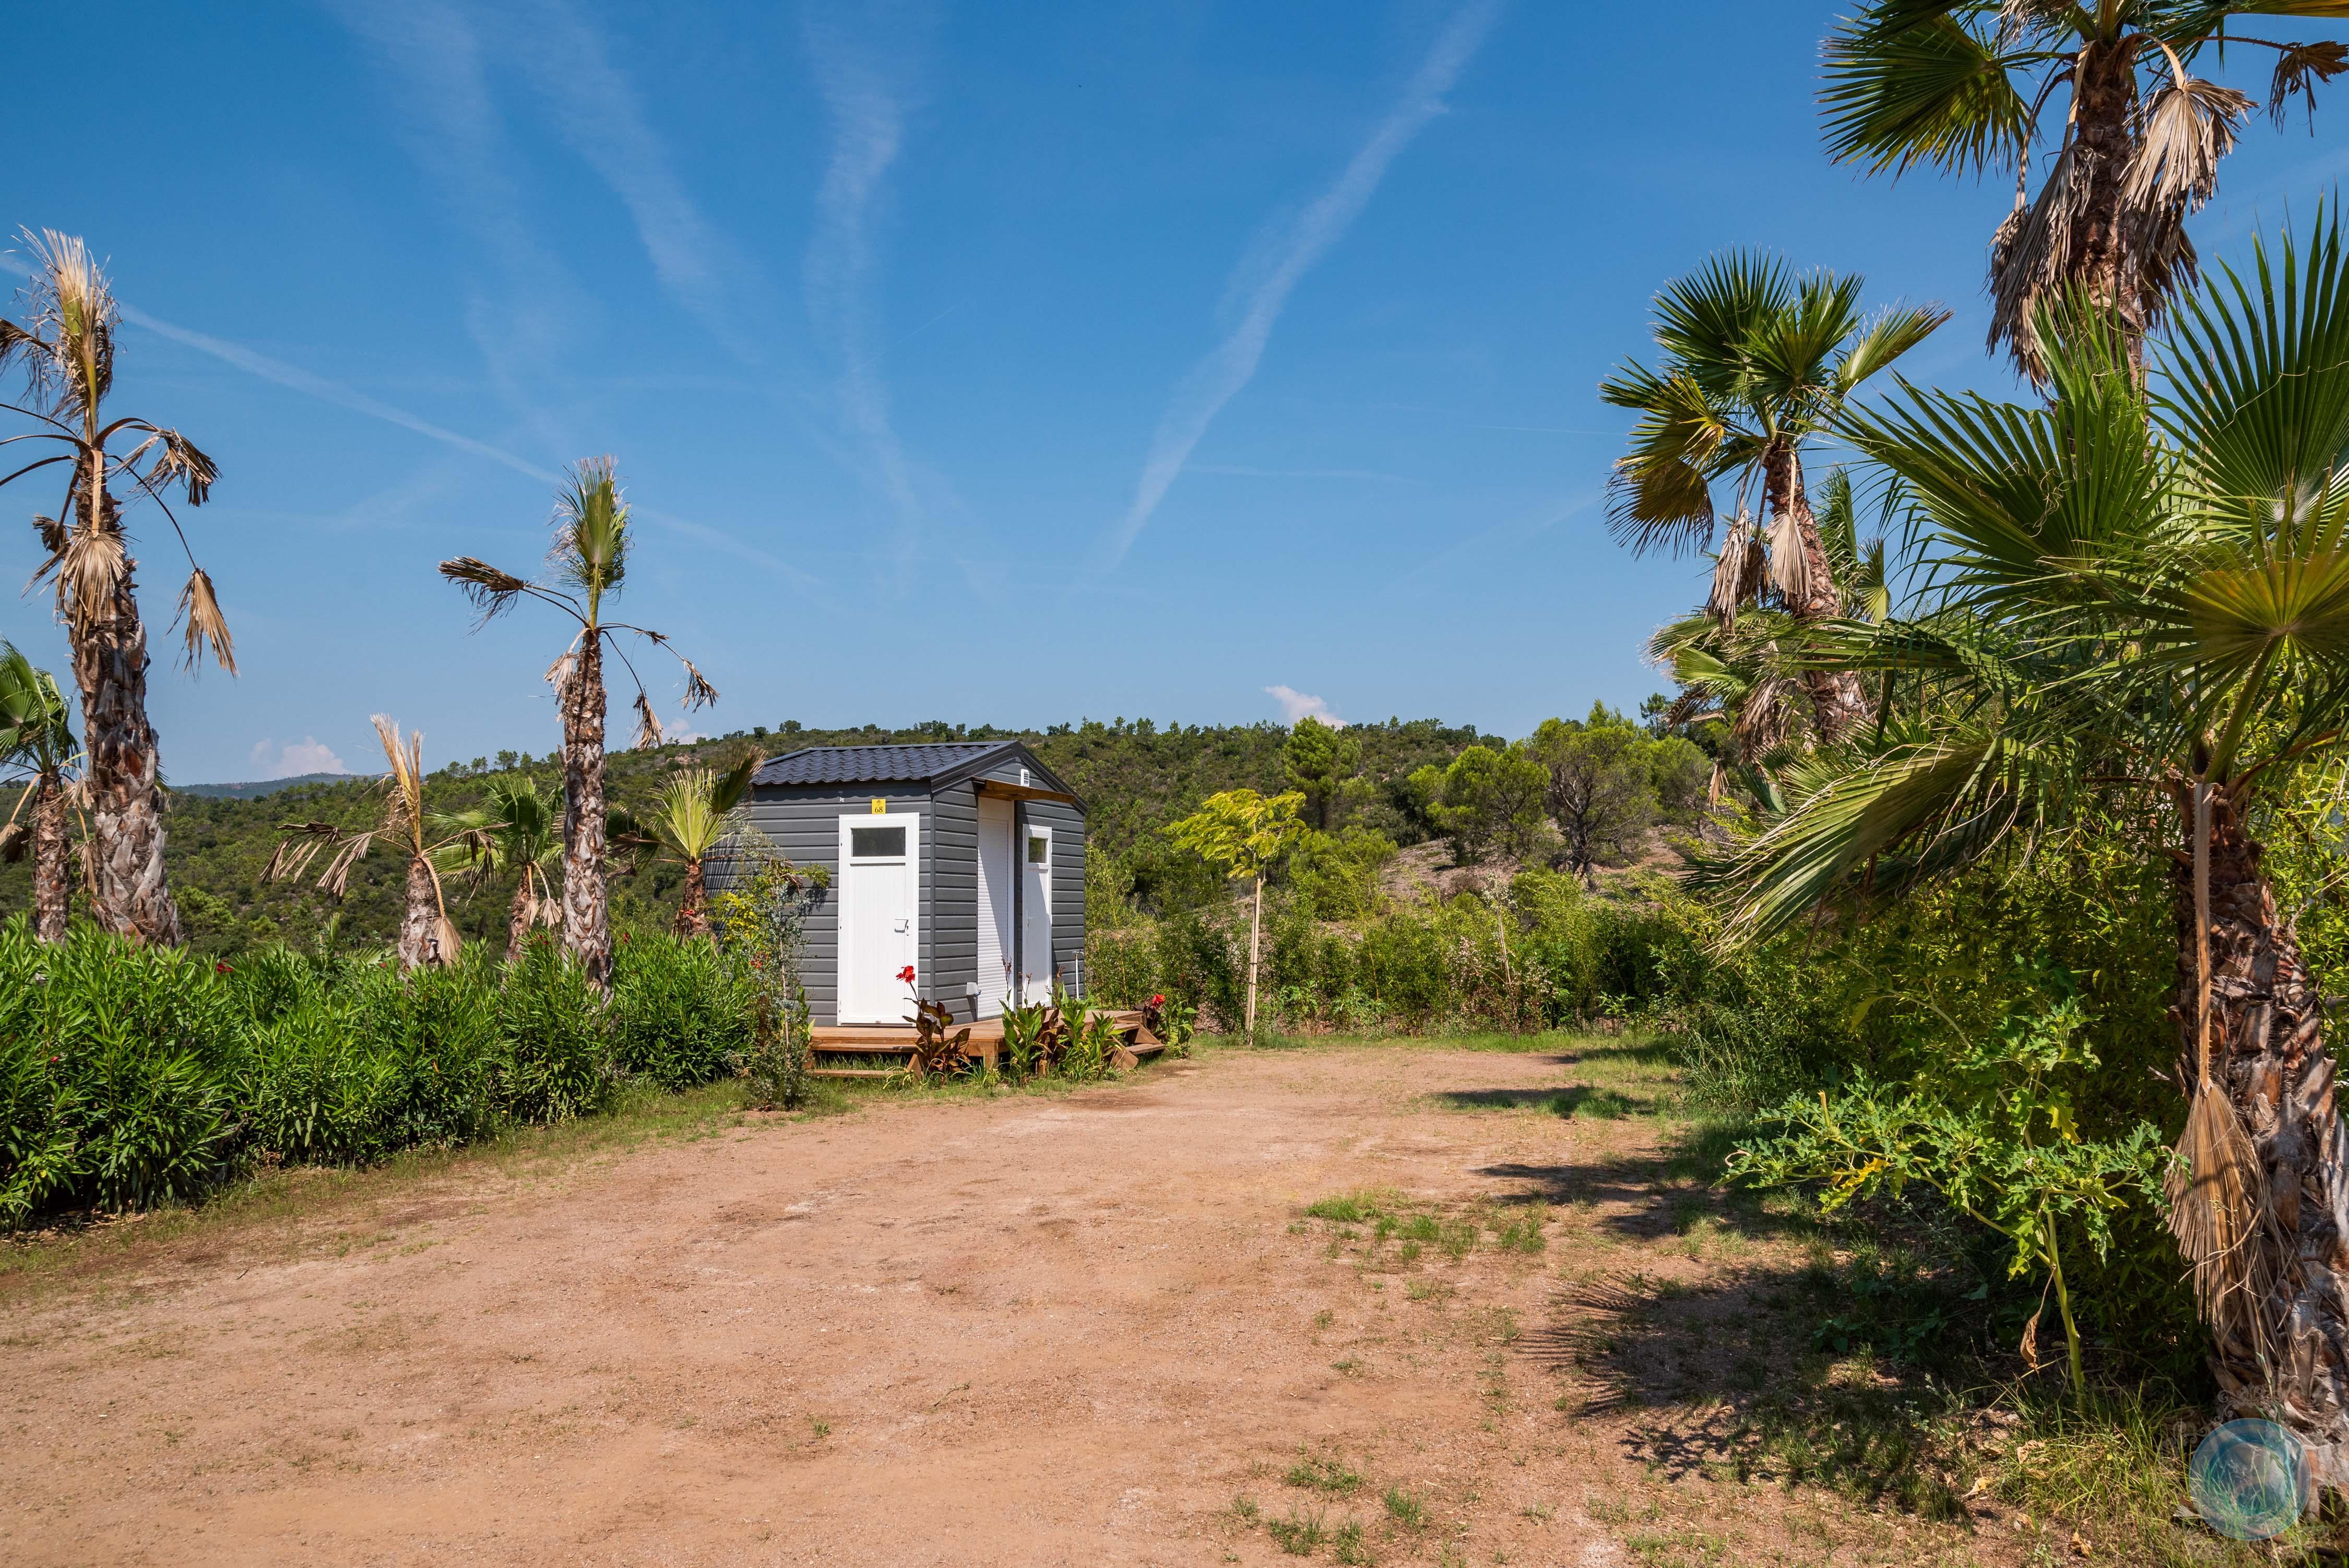 Emplacement - Deluxe Prestige (Caravane / Campingcar, Attention: Pas De Tente) - Esterel Caravaning